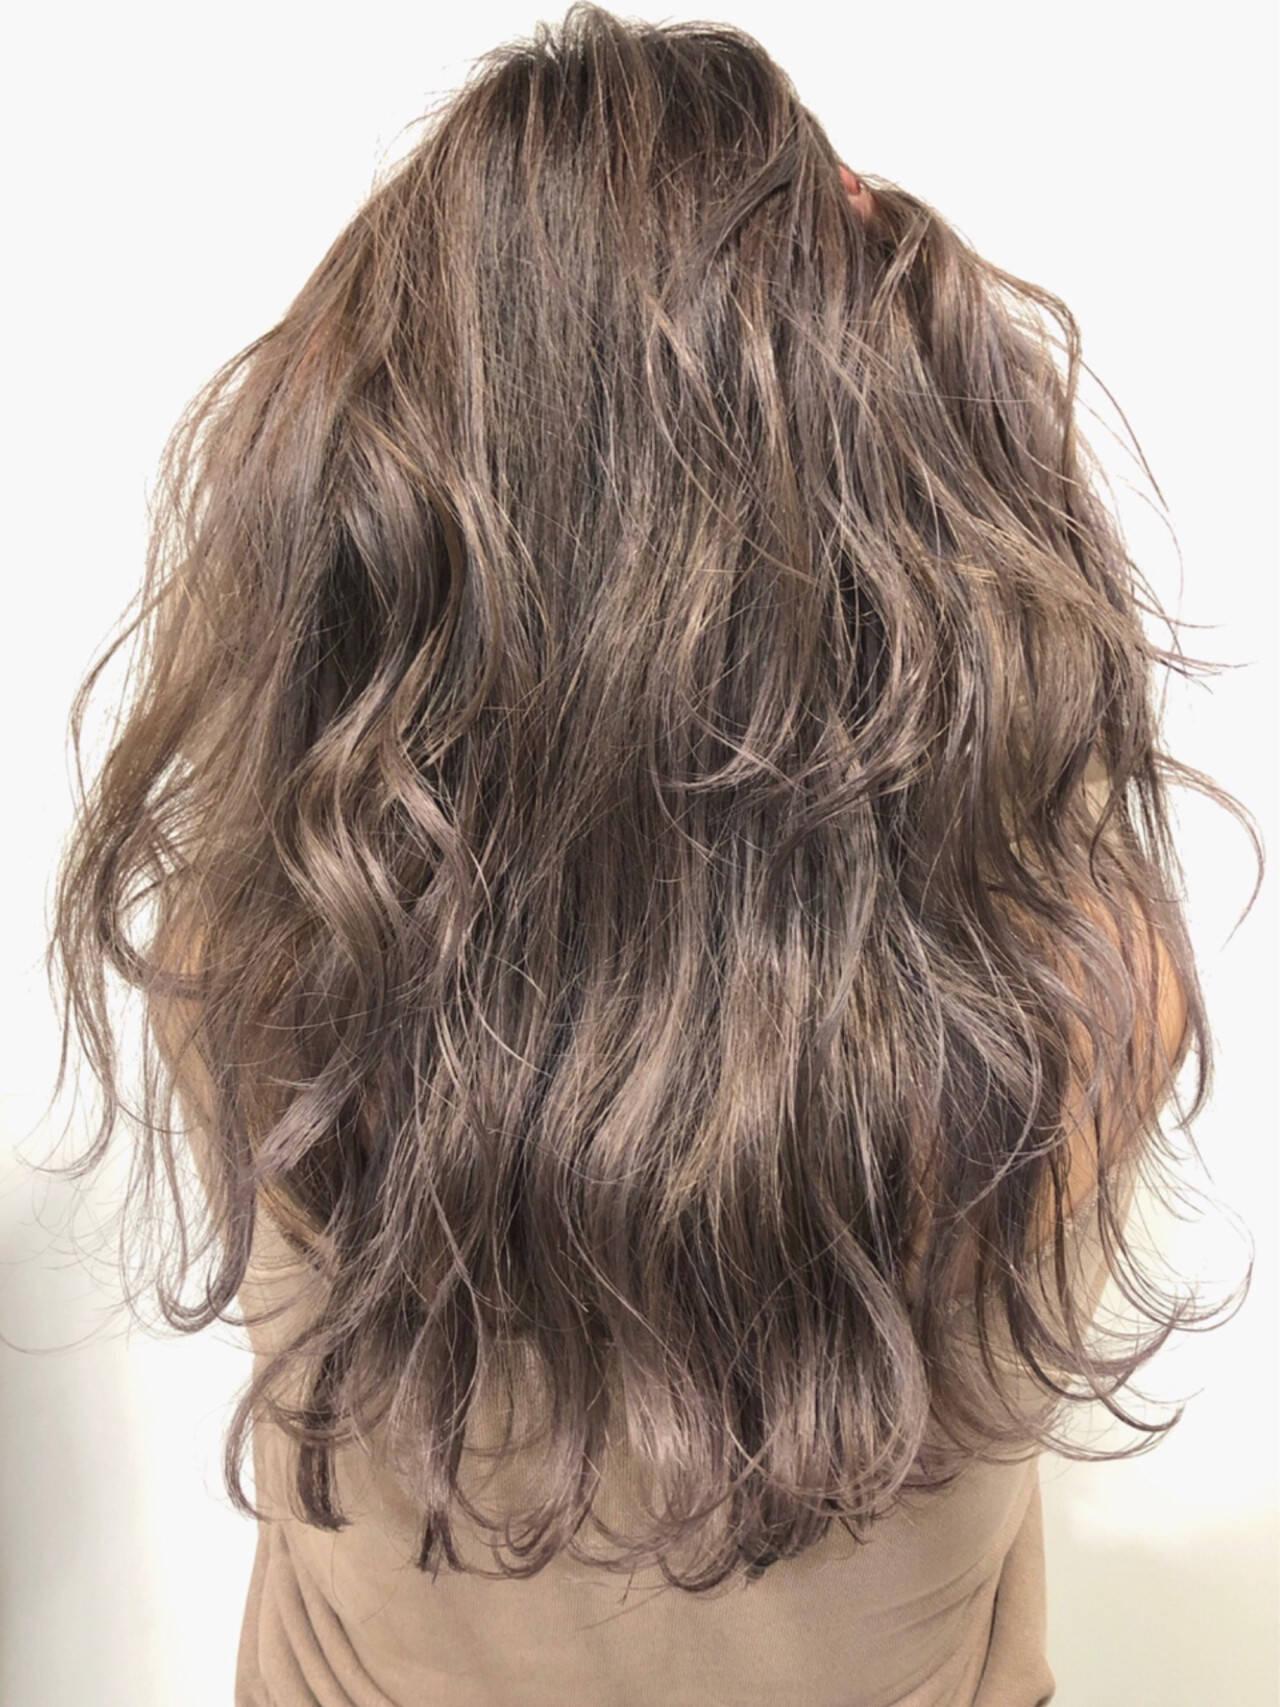 グレーアッシュ アッシュグレージュ モード バレイヤージュヘアスタイルや髪型の写真・画像